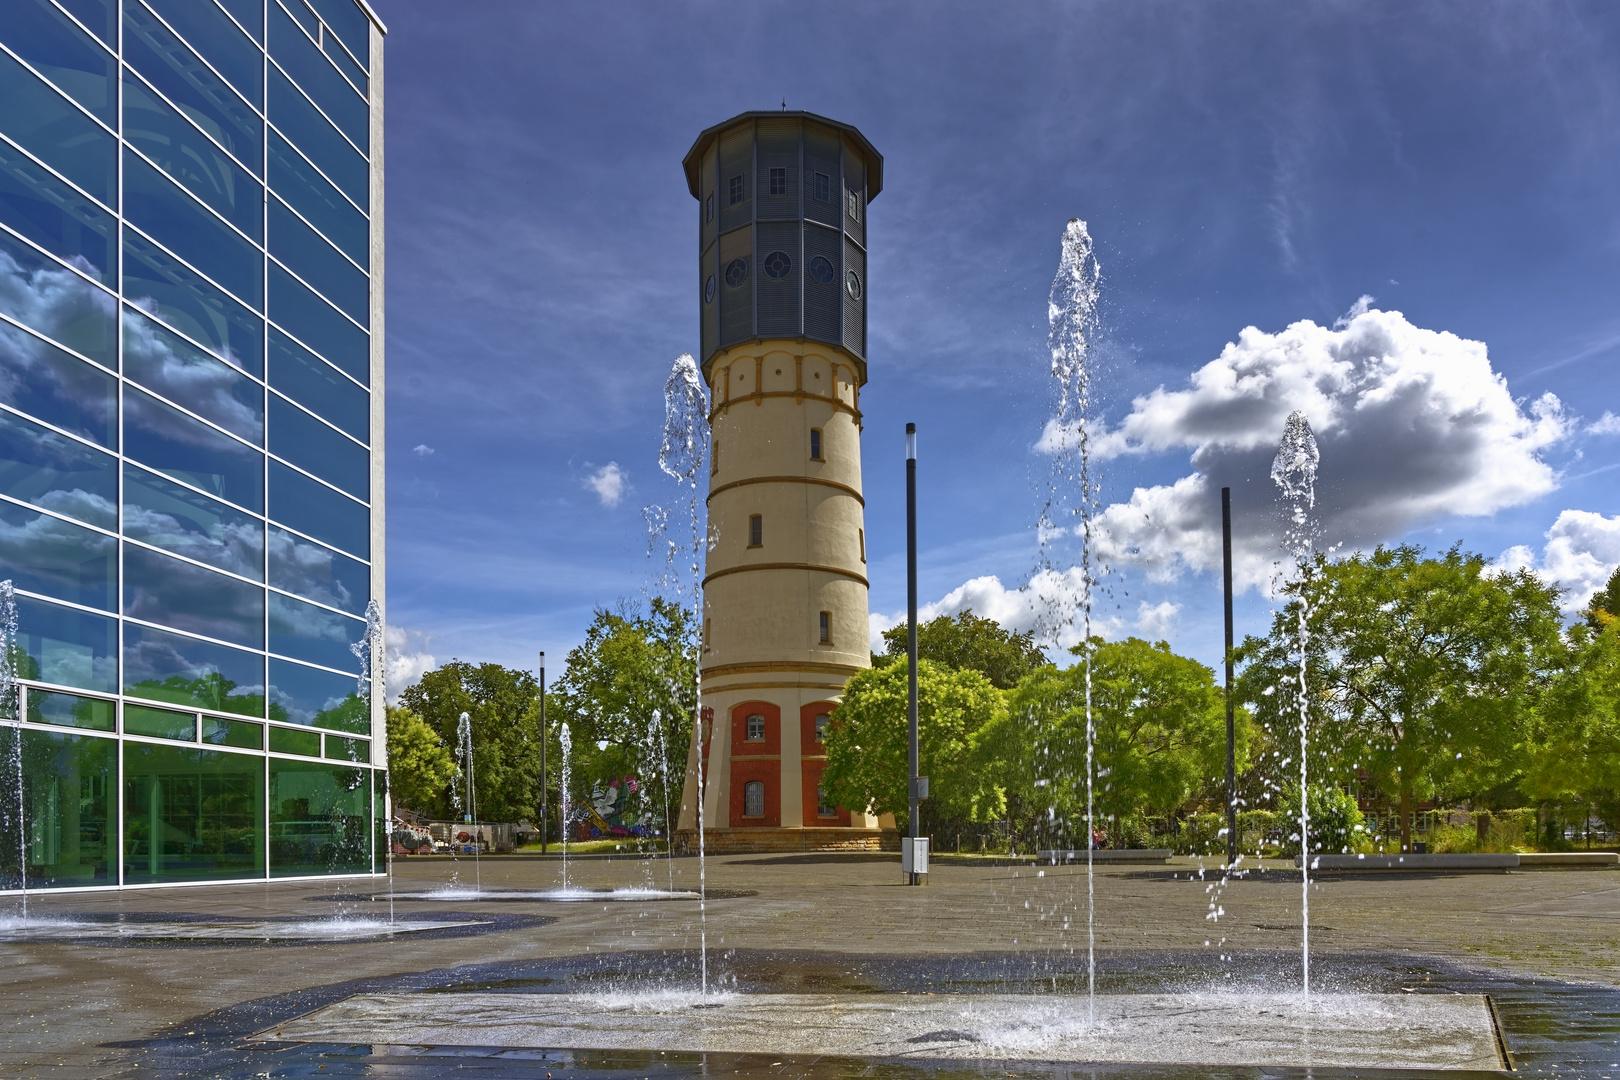 Wasserturm in Gütersloh